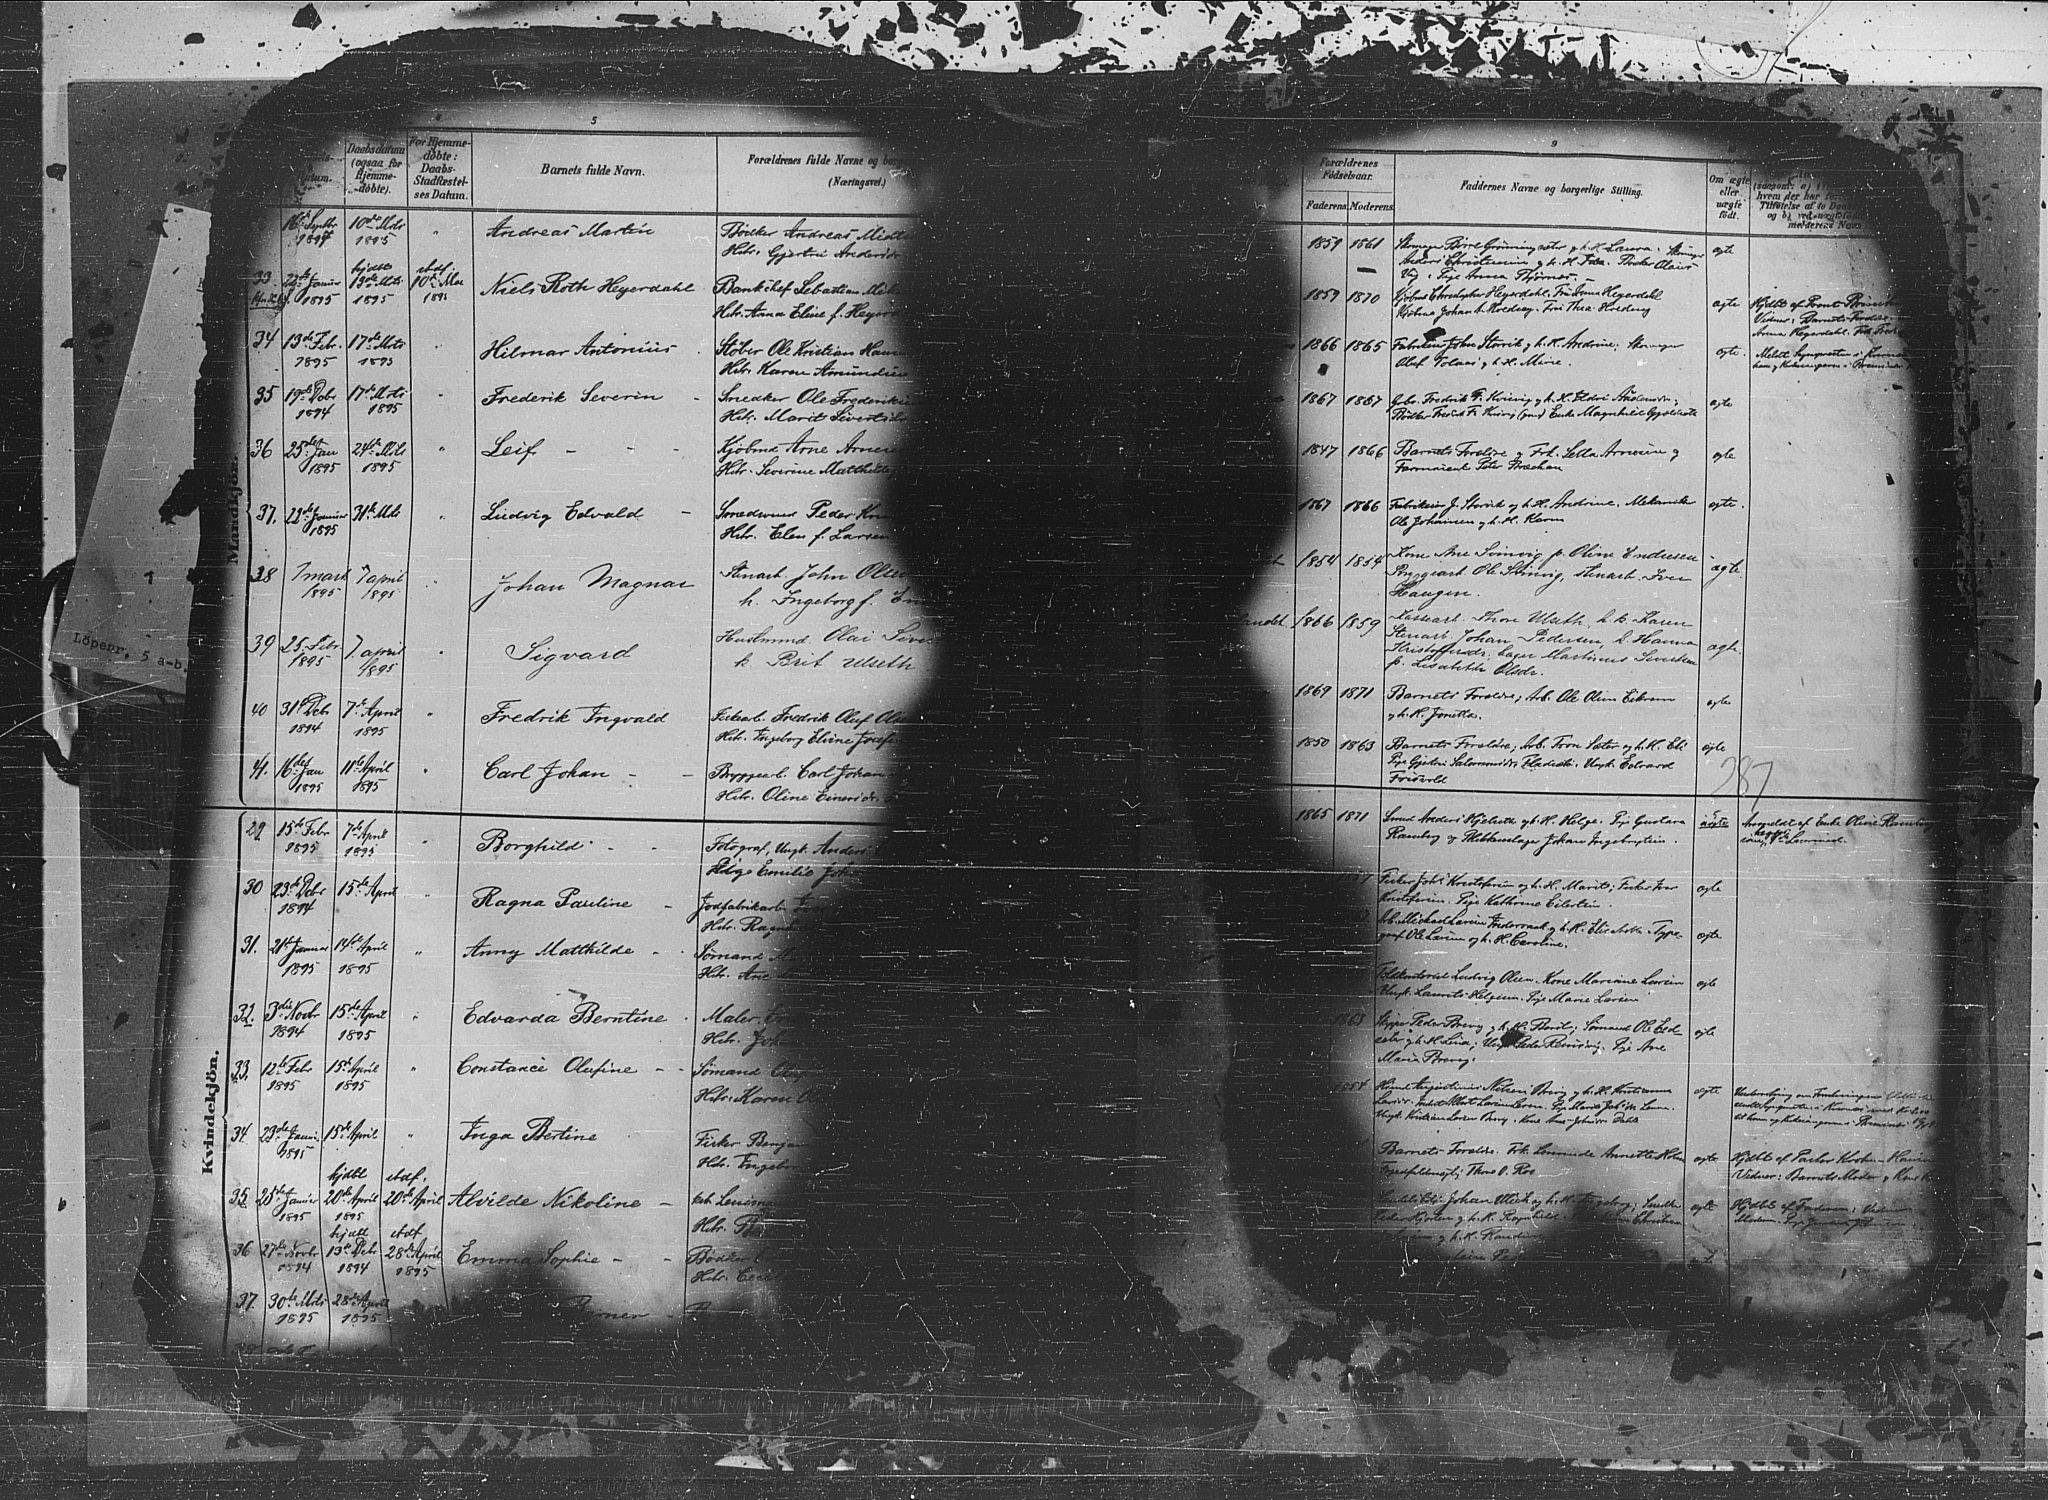 SAT, Ministerialprotokoller, klokkerbøker og fødselsregistre - Møre og Romsdal, 572/L0851: Ministerialbok nr. 572A14, 1880-1897, s. 287